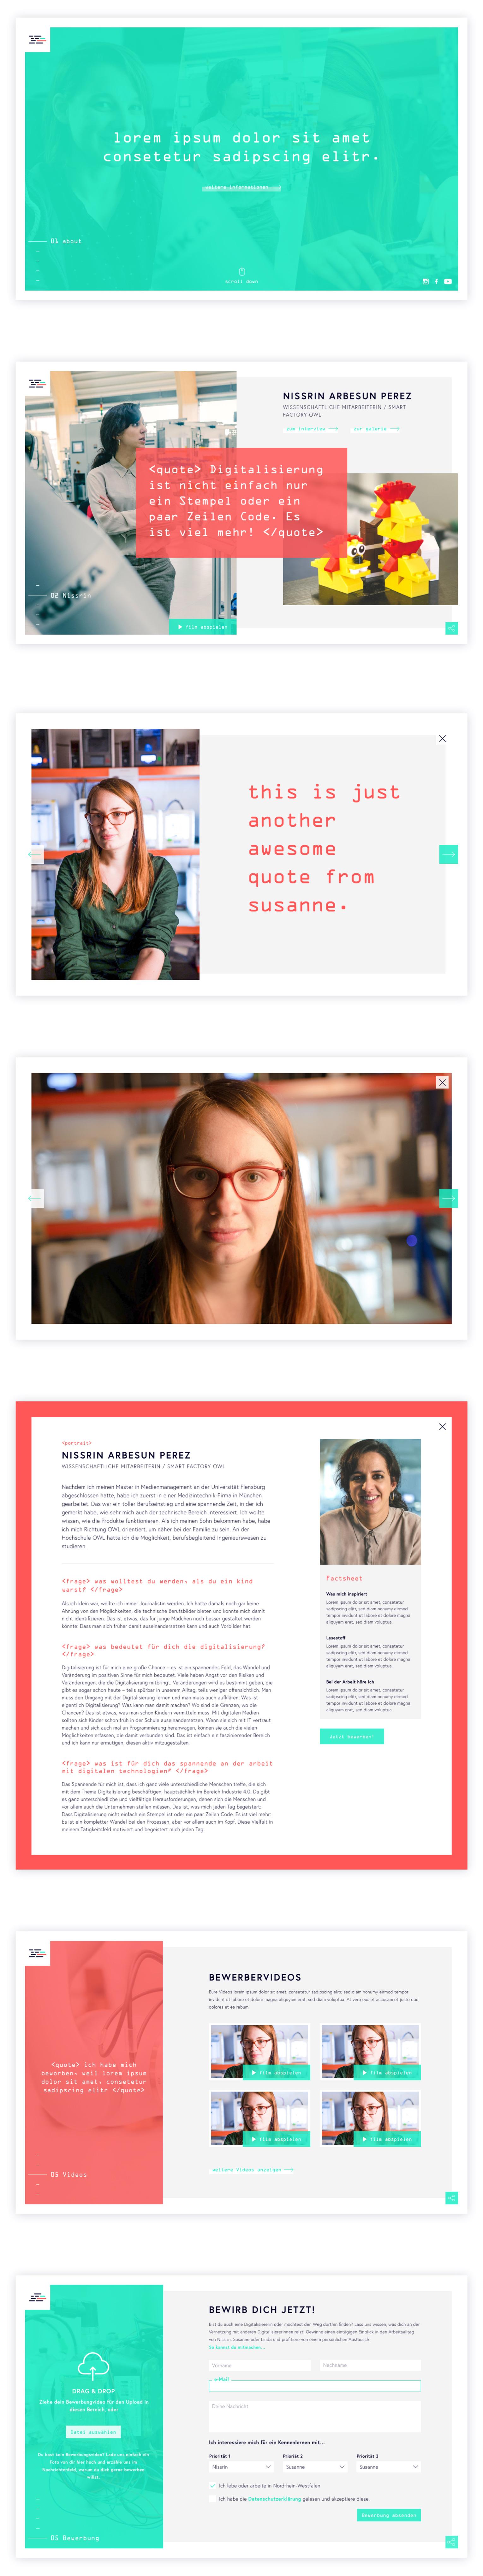 Digitalisiererin NRW Website Design